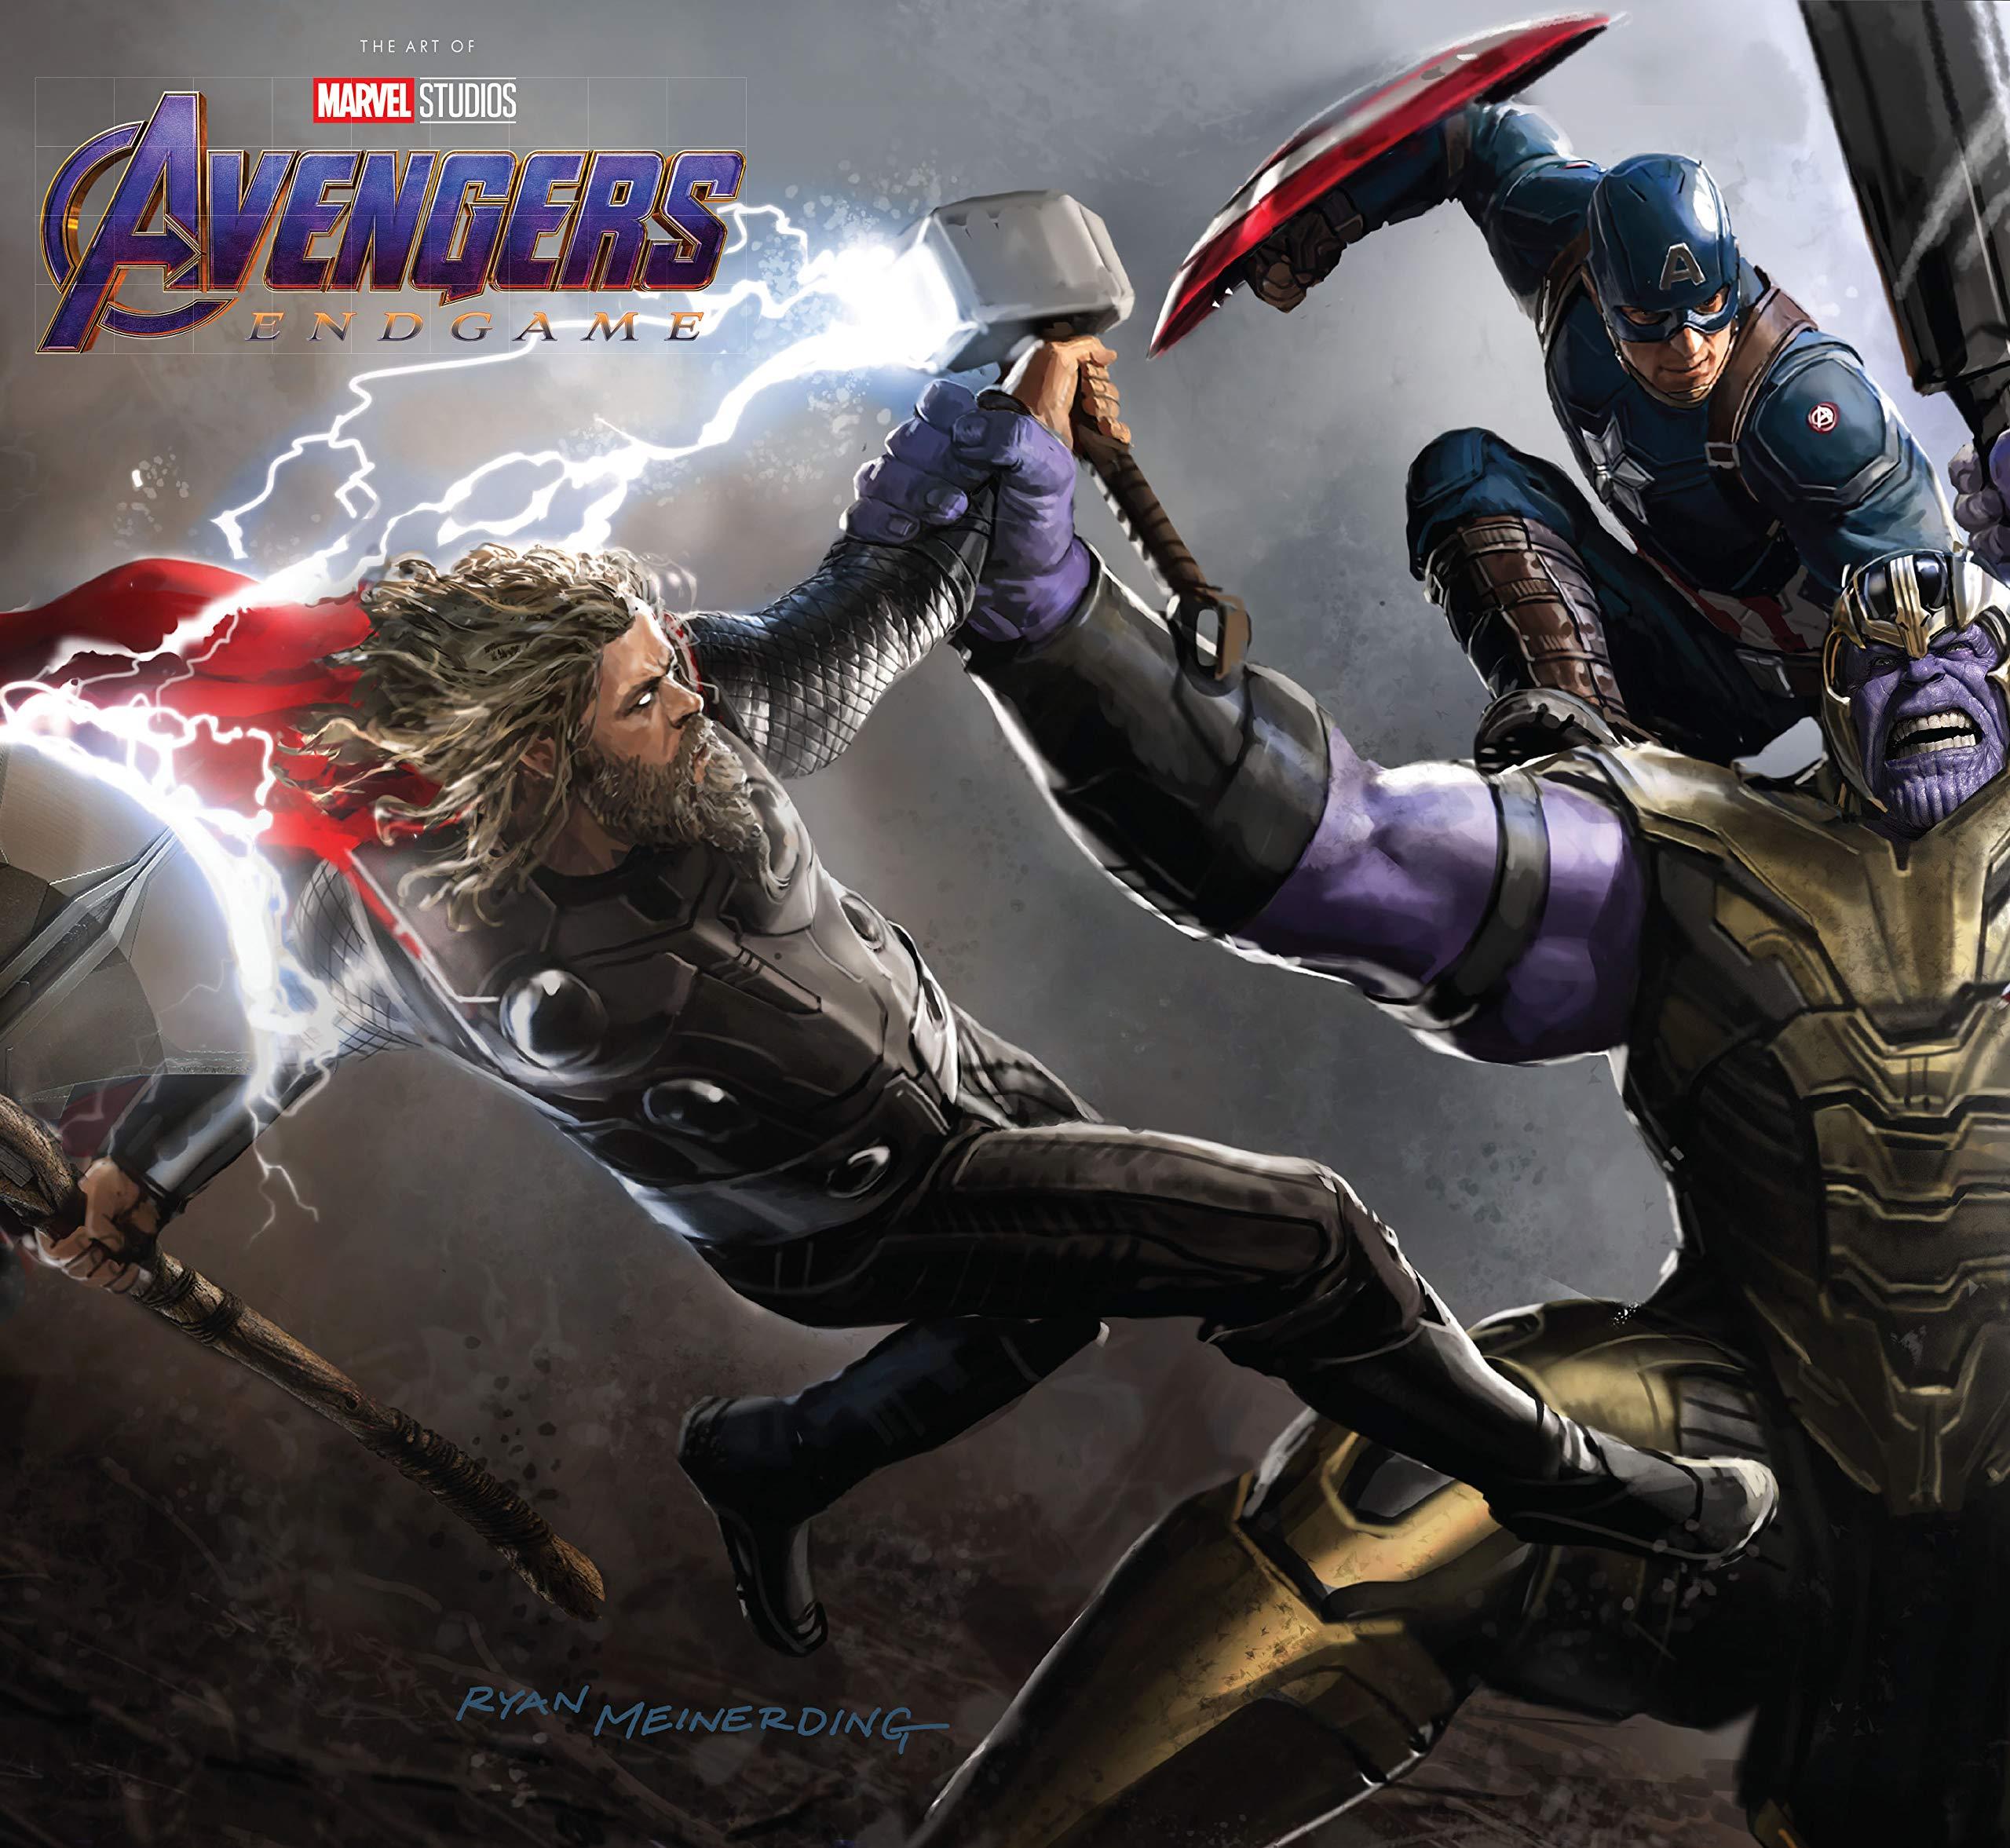 Marvel's Avengers: Endgame - The Art of the Movie by Marvel